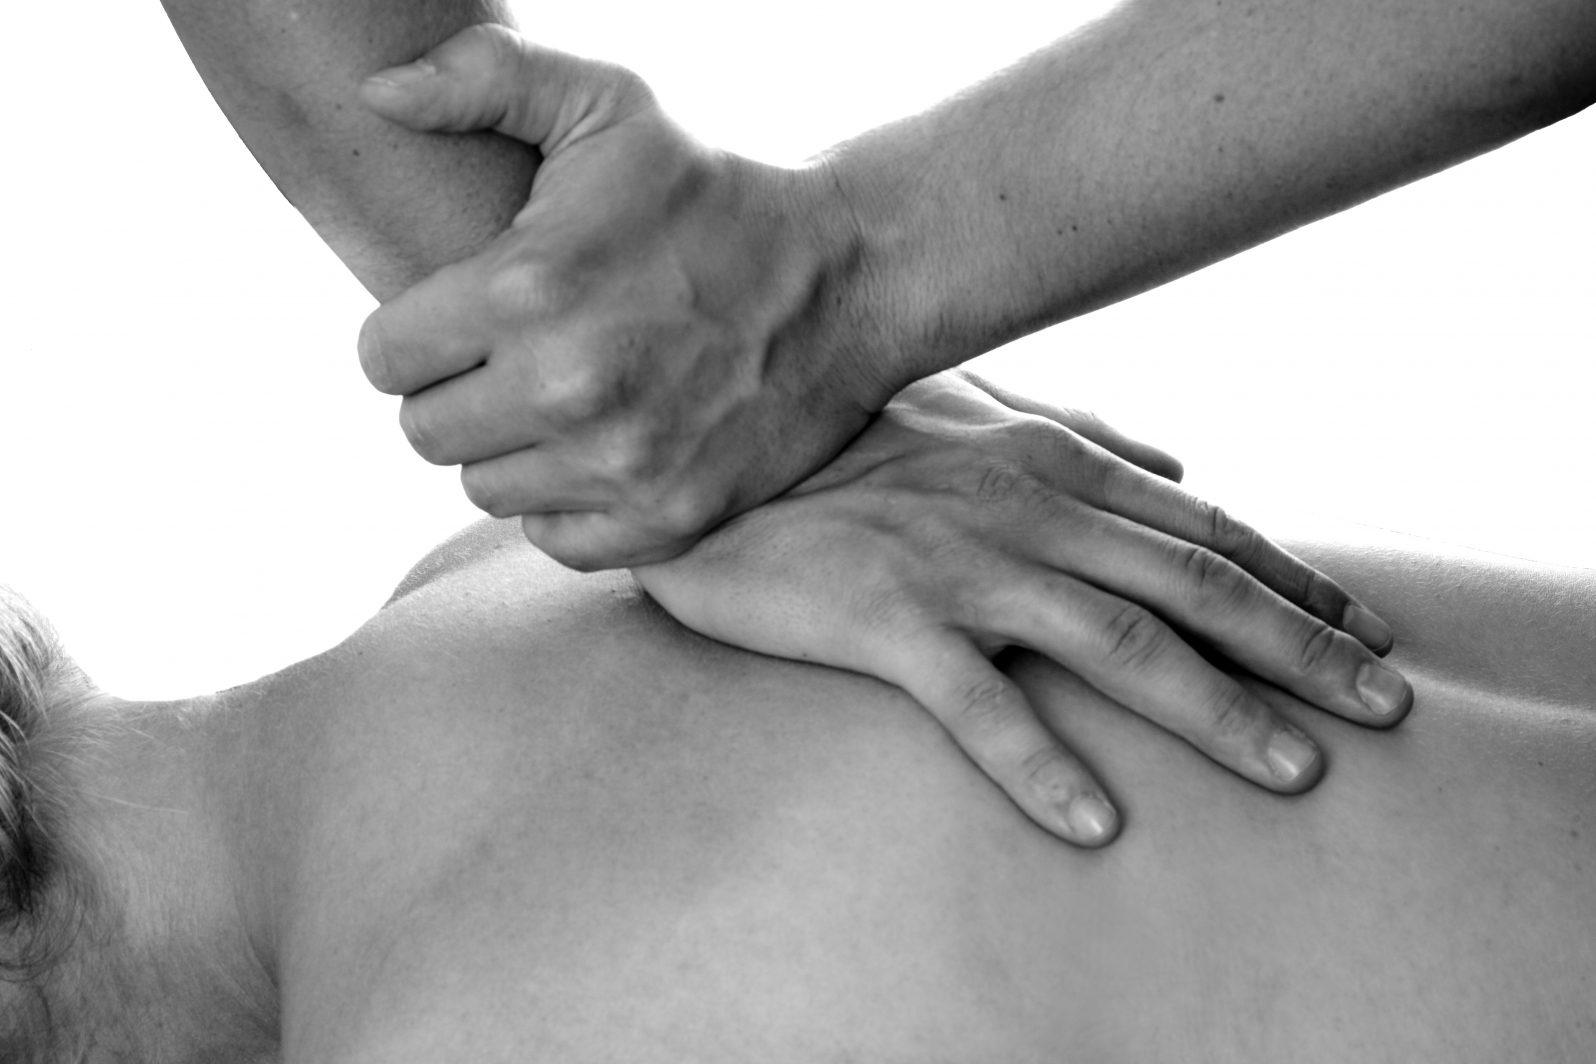 behandling av rygg hos kiropraktor